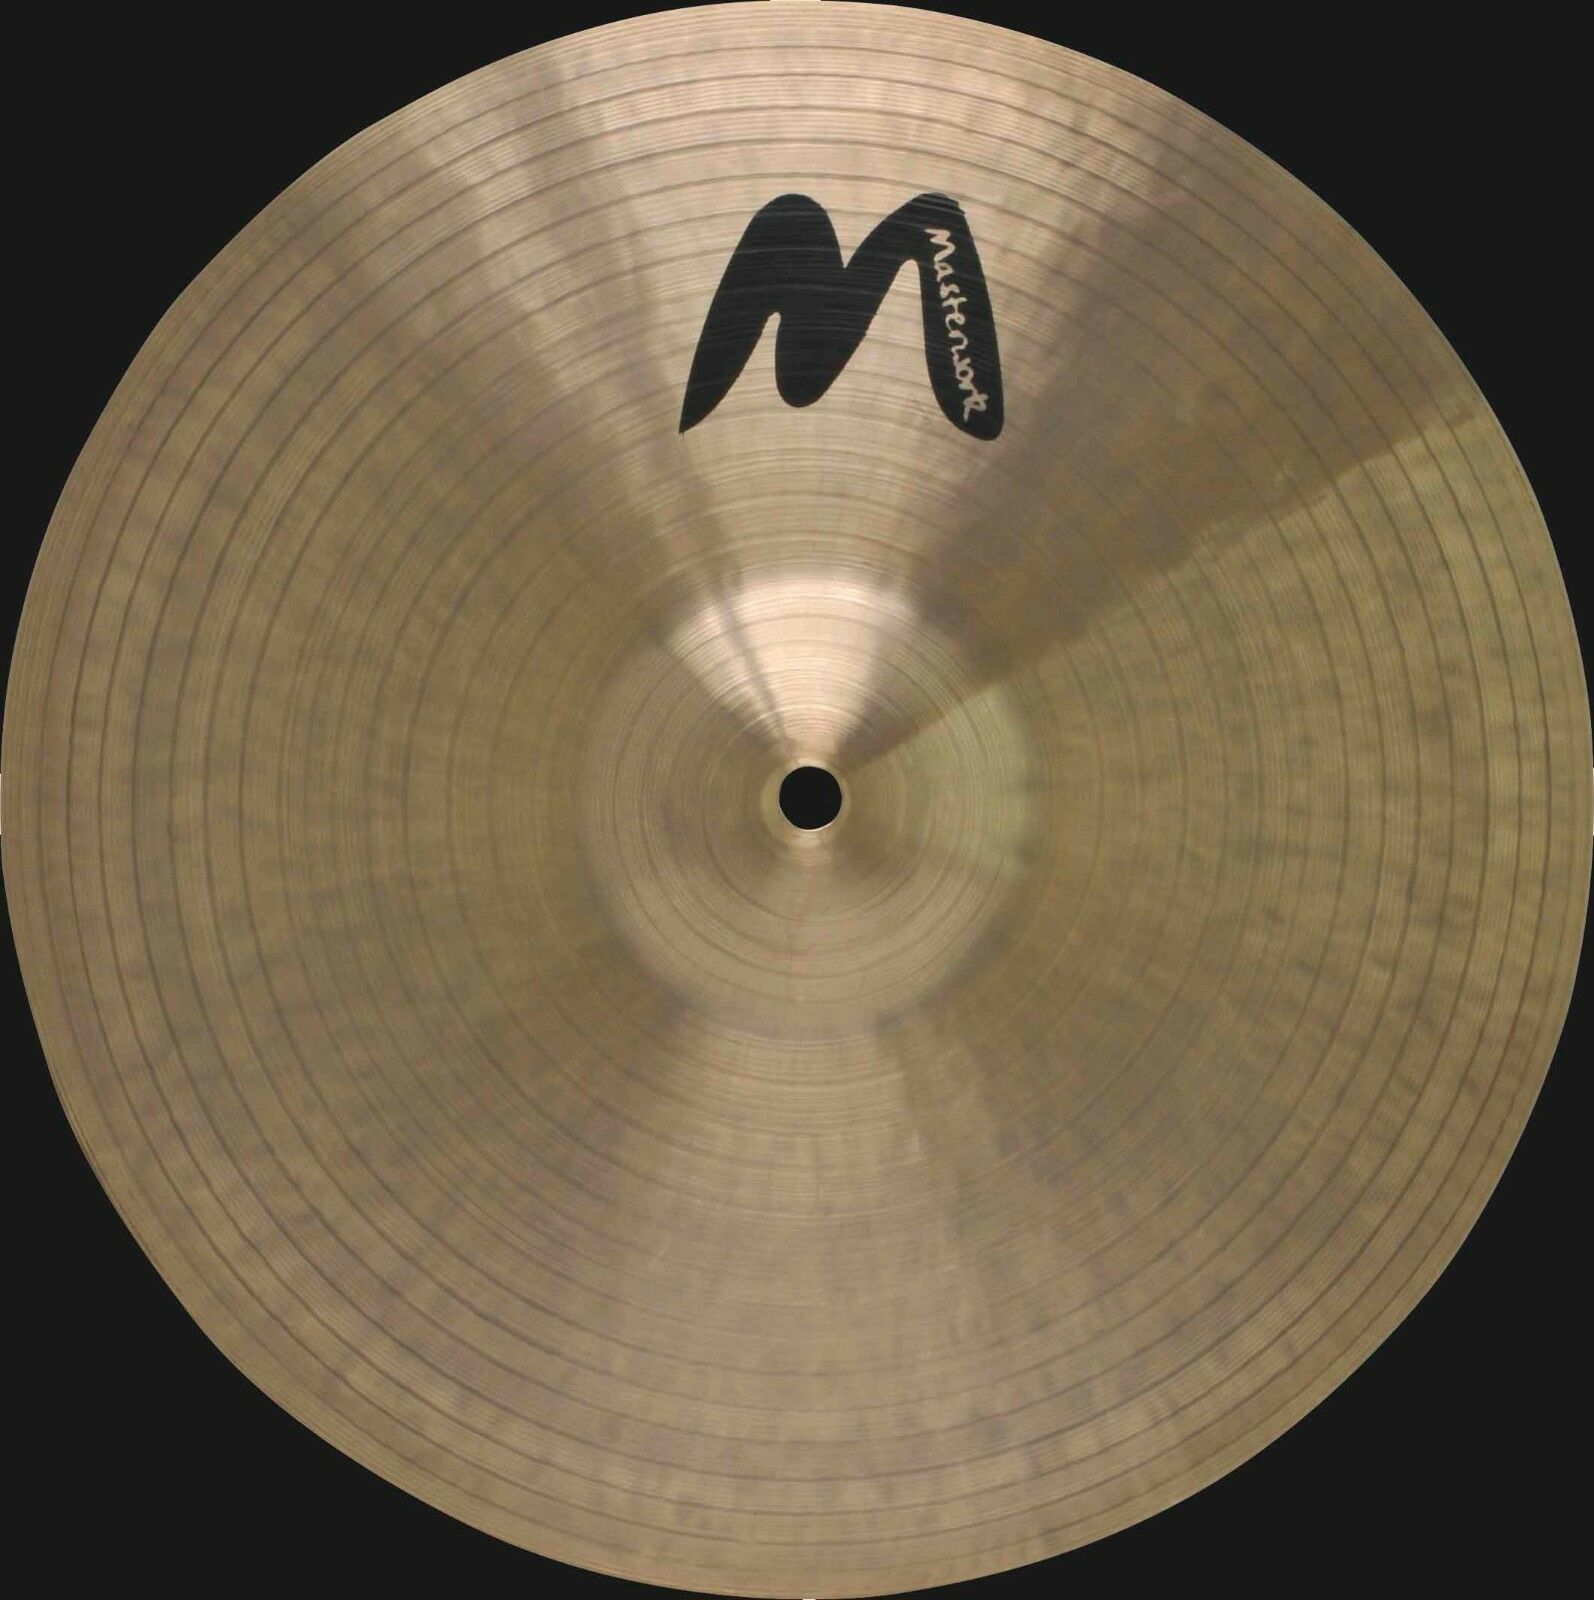 Masterwork Cymbals Jazz Series 18-inch 18-inch 18-inch Jazz Master Crash Dark ddbaac